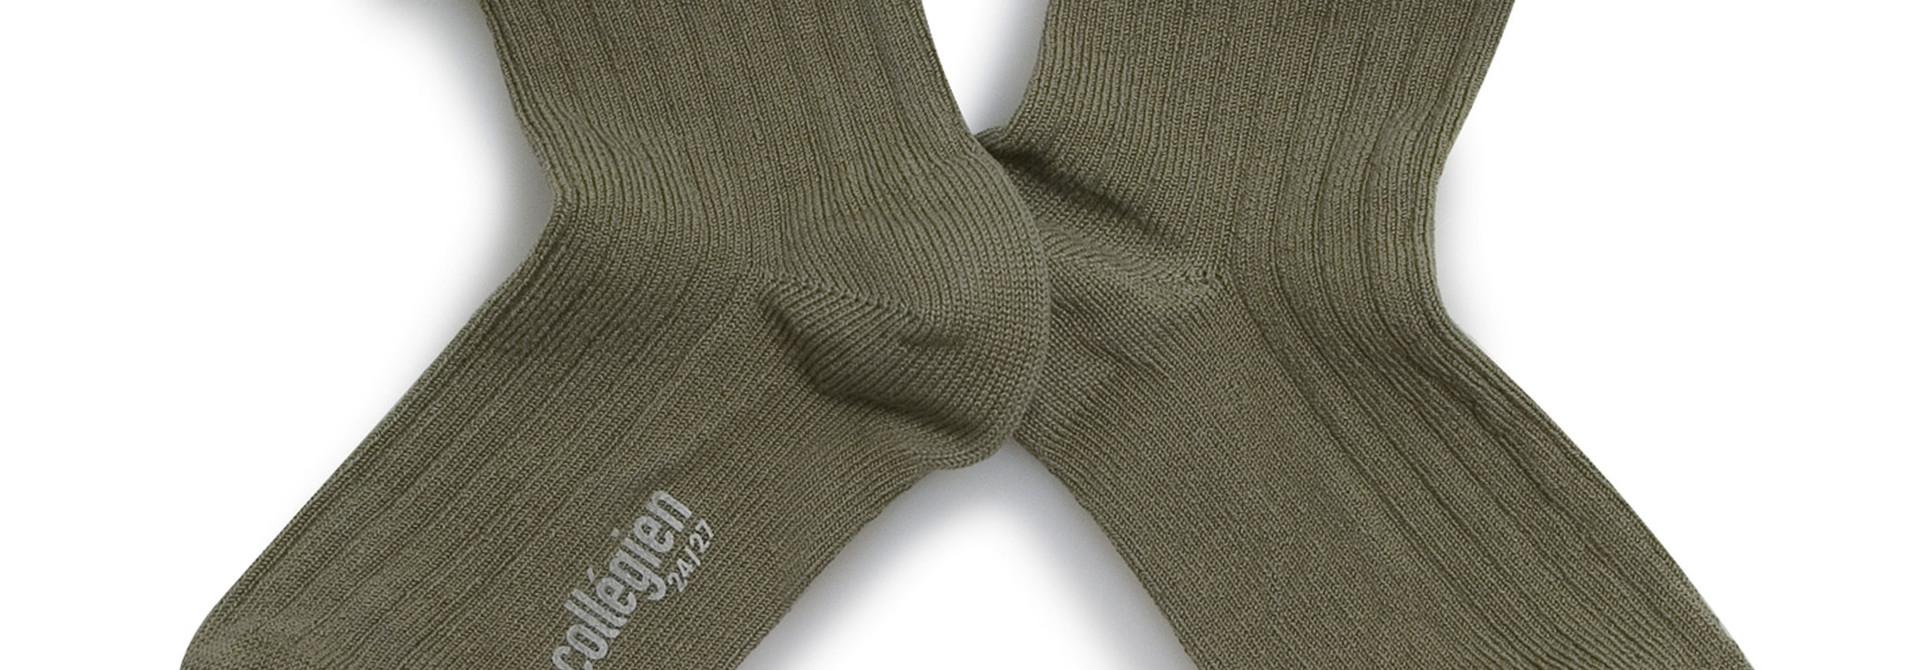 Broderie socks 'Pauline' Sauge